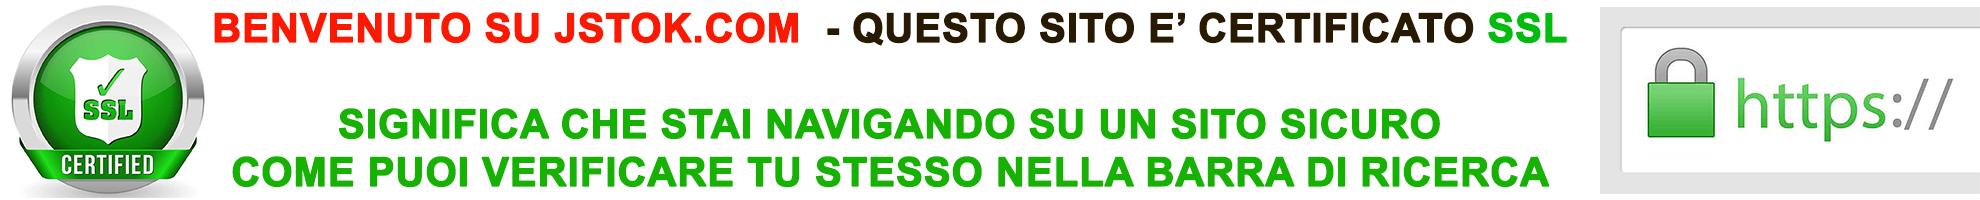 SITO SICURO CERTIFICATO SSL - HTTPS